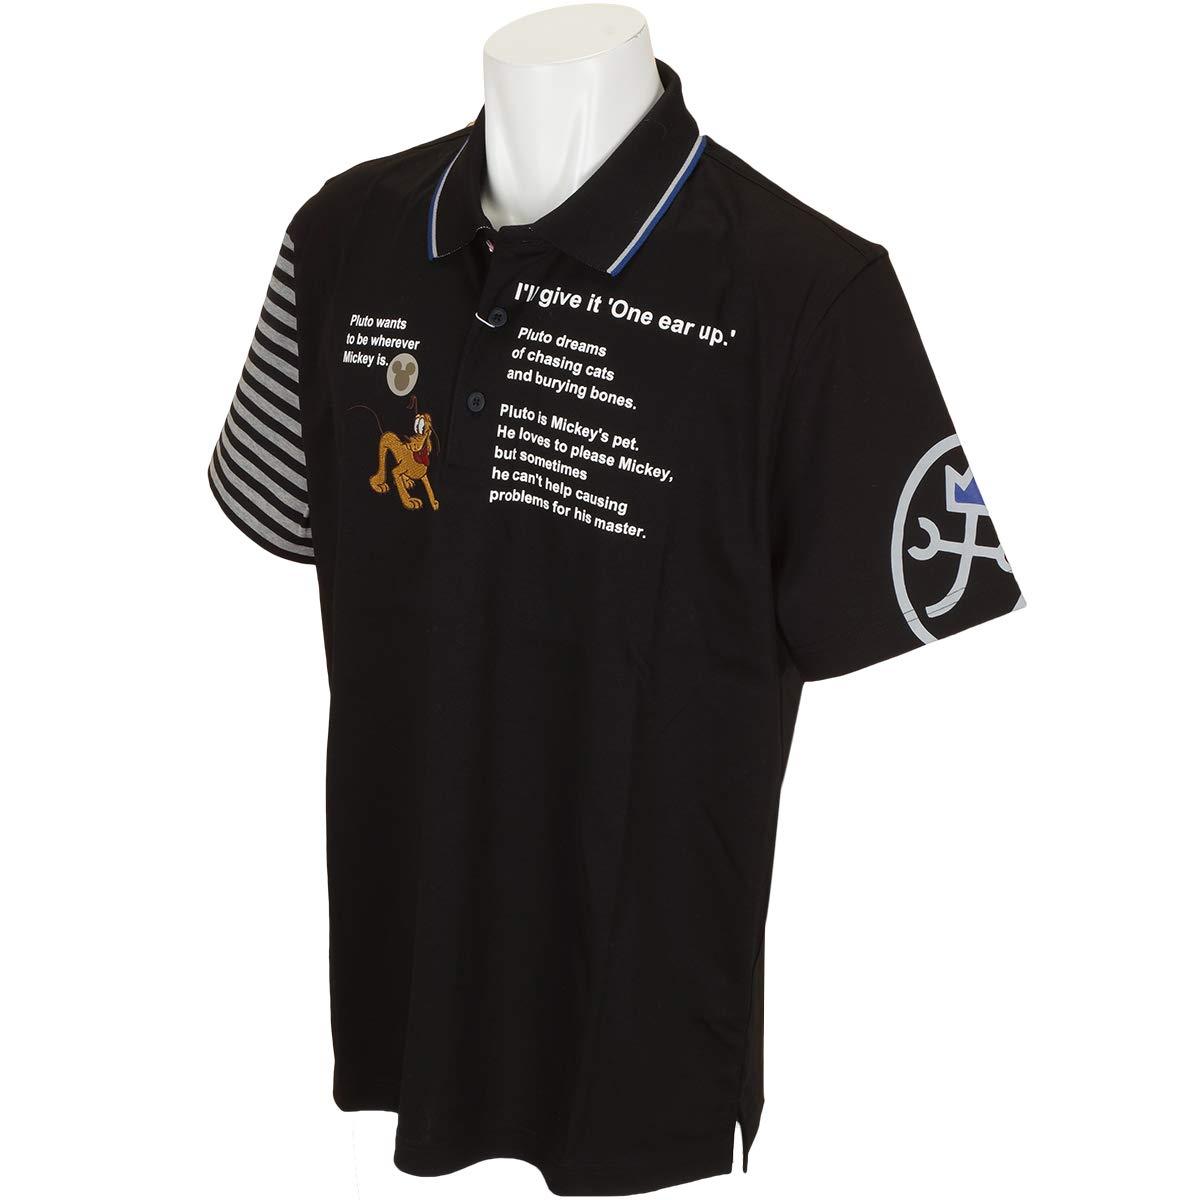 最新の激安 カステルバジャック CASTELBAJAC 半袖シャツポロシャツ 99 半袖ポロシャツ 50 50 ブラック 99 B07QG62N7D B07QG62N7D, カミクイシキムラ:7769733a --- mail.dangsevamandal.com